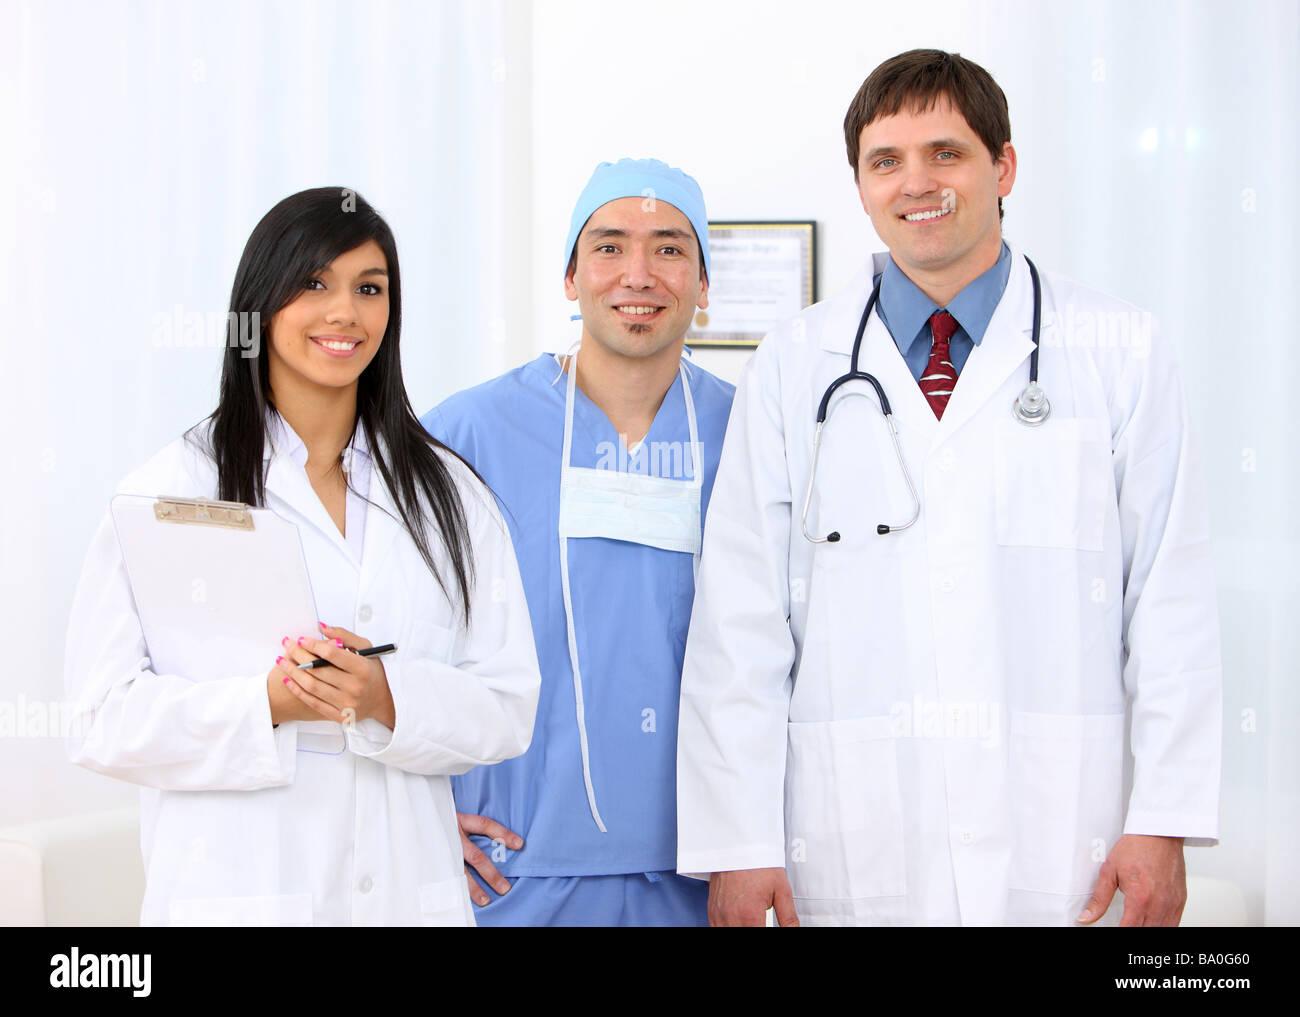 Pflegepersonal Gruppenportrait Stockbild